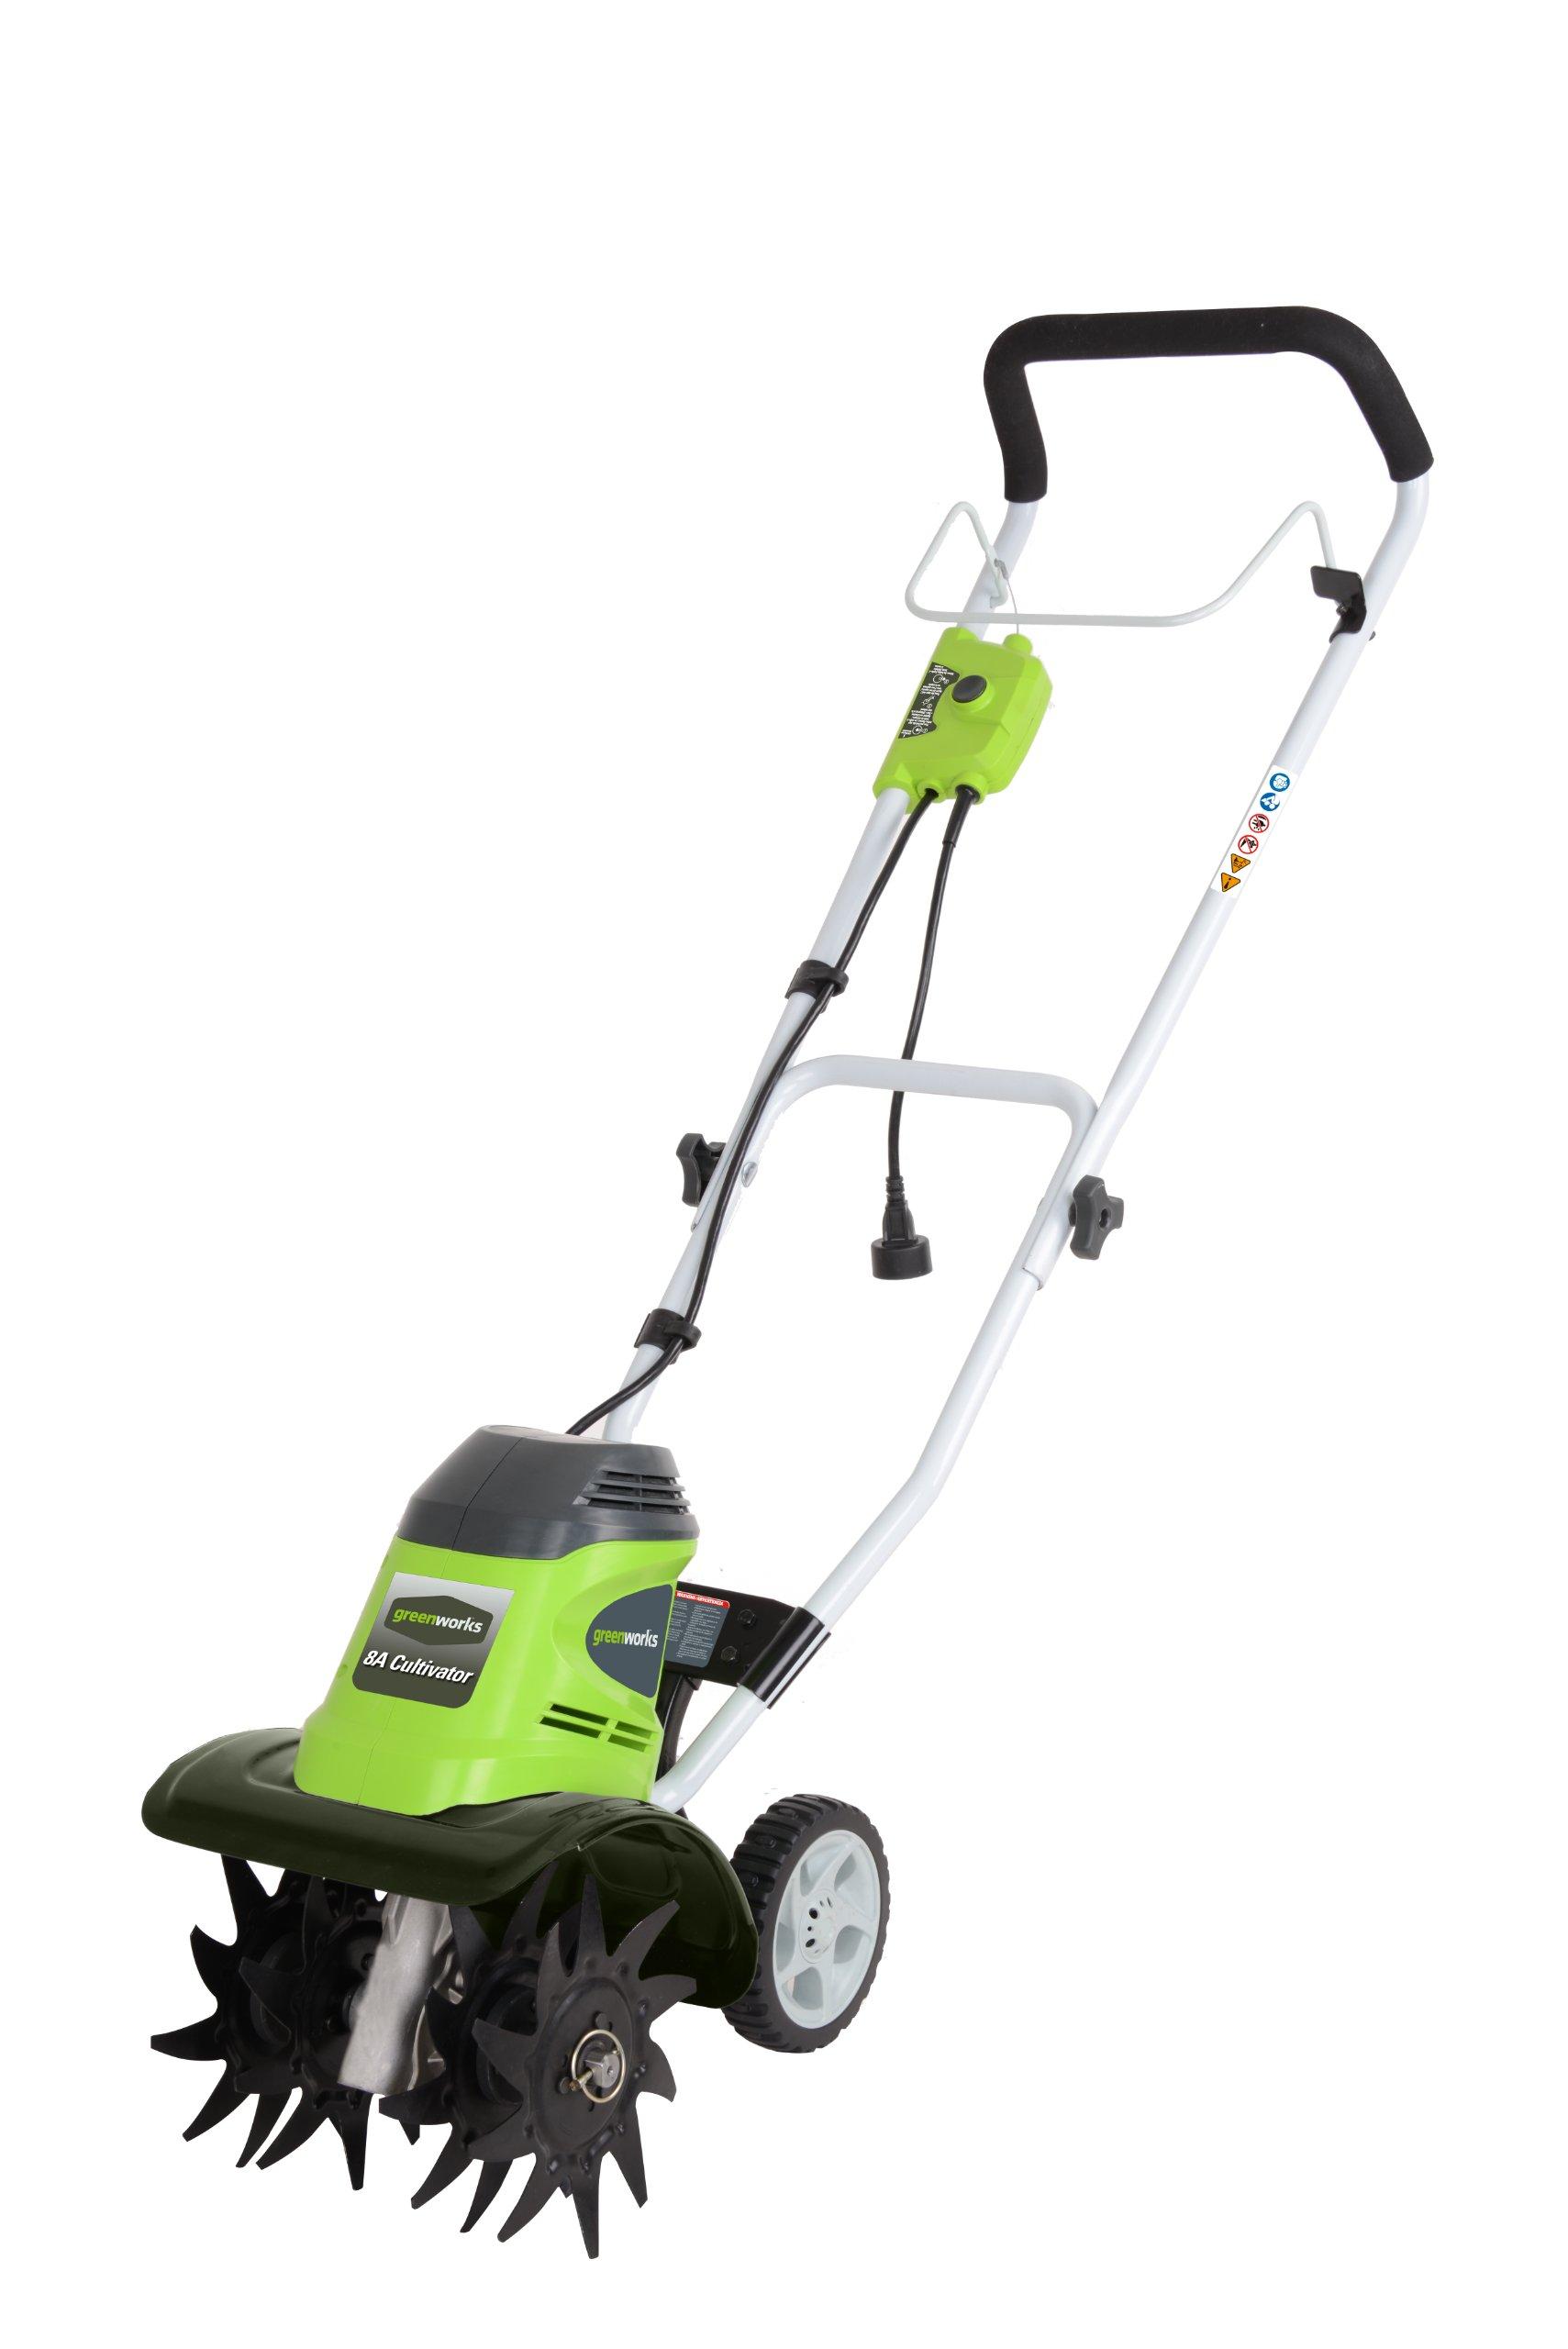 Greenworks 10 Inch Corded Tiller 27072